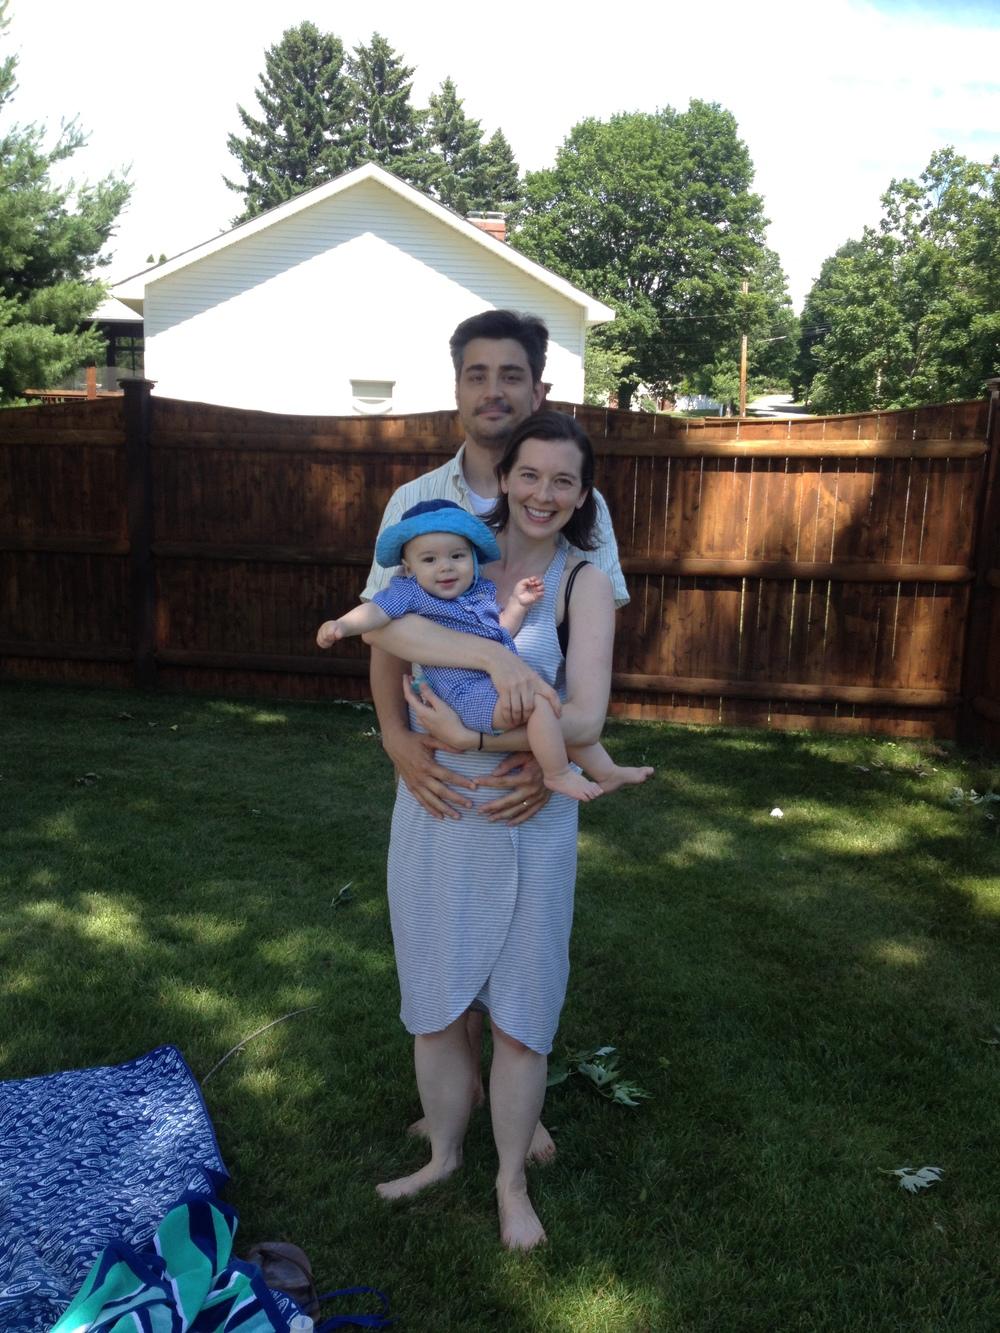 2014-07-05 14.04.46.jpg